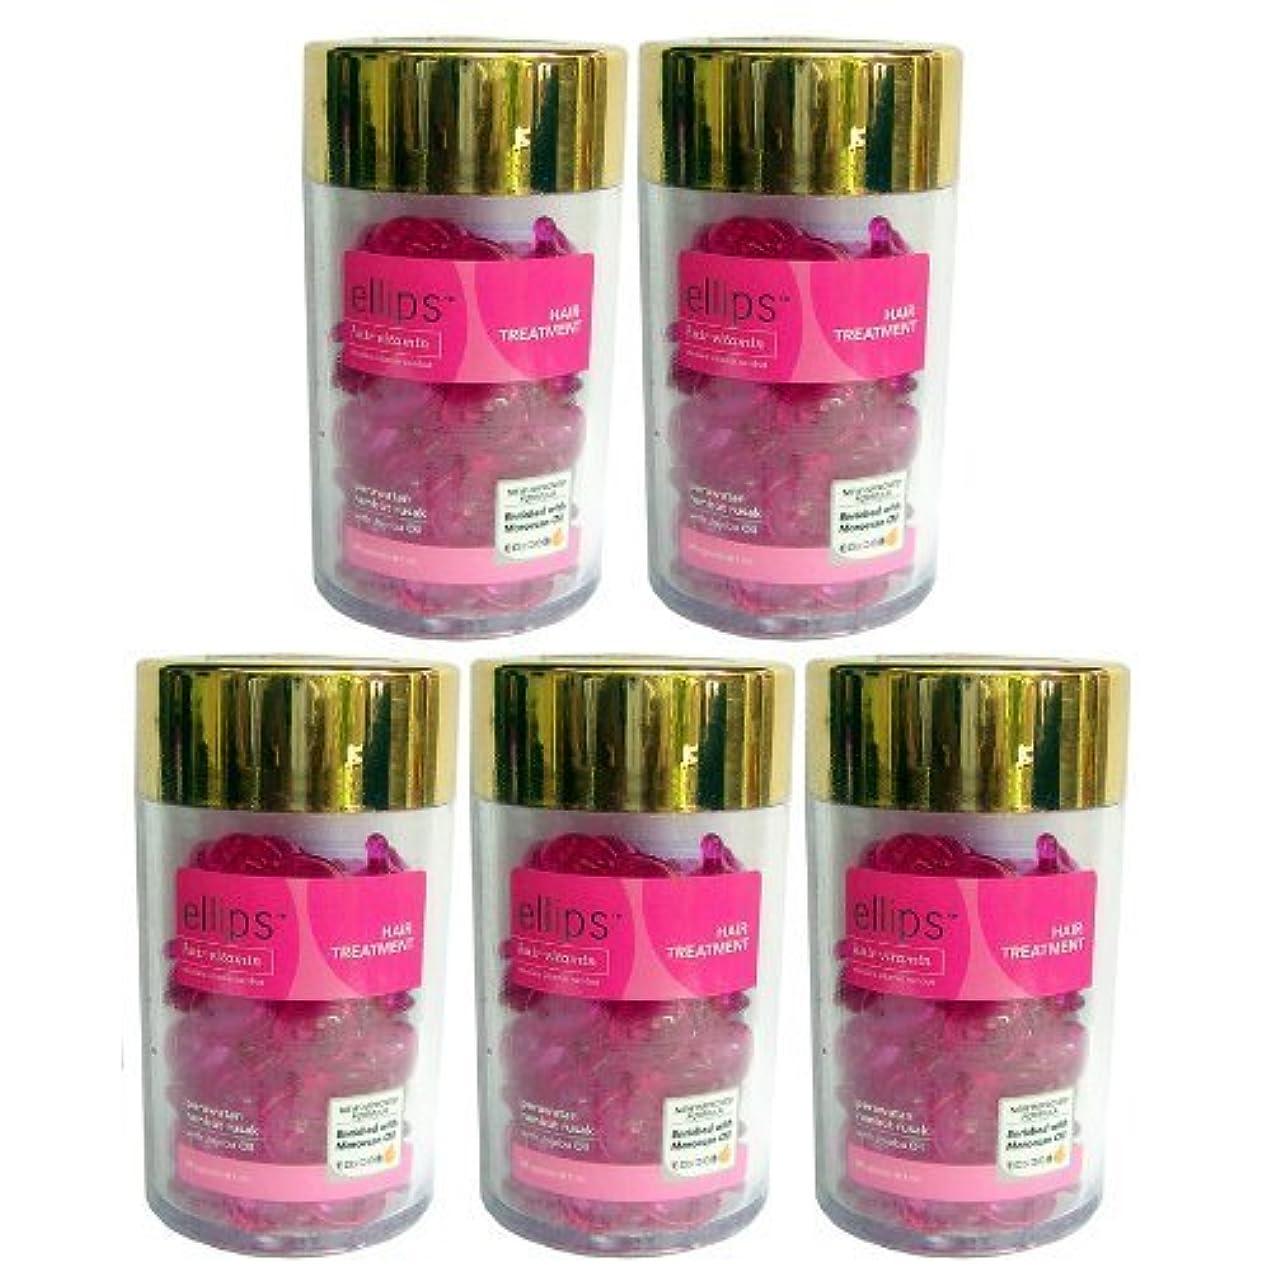 風刺所有権ドライブエリップス ellips ヘアビタミン洗い流さないヘアトリートメント(並行輸入品) (ピンク5本)